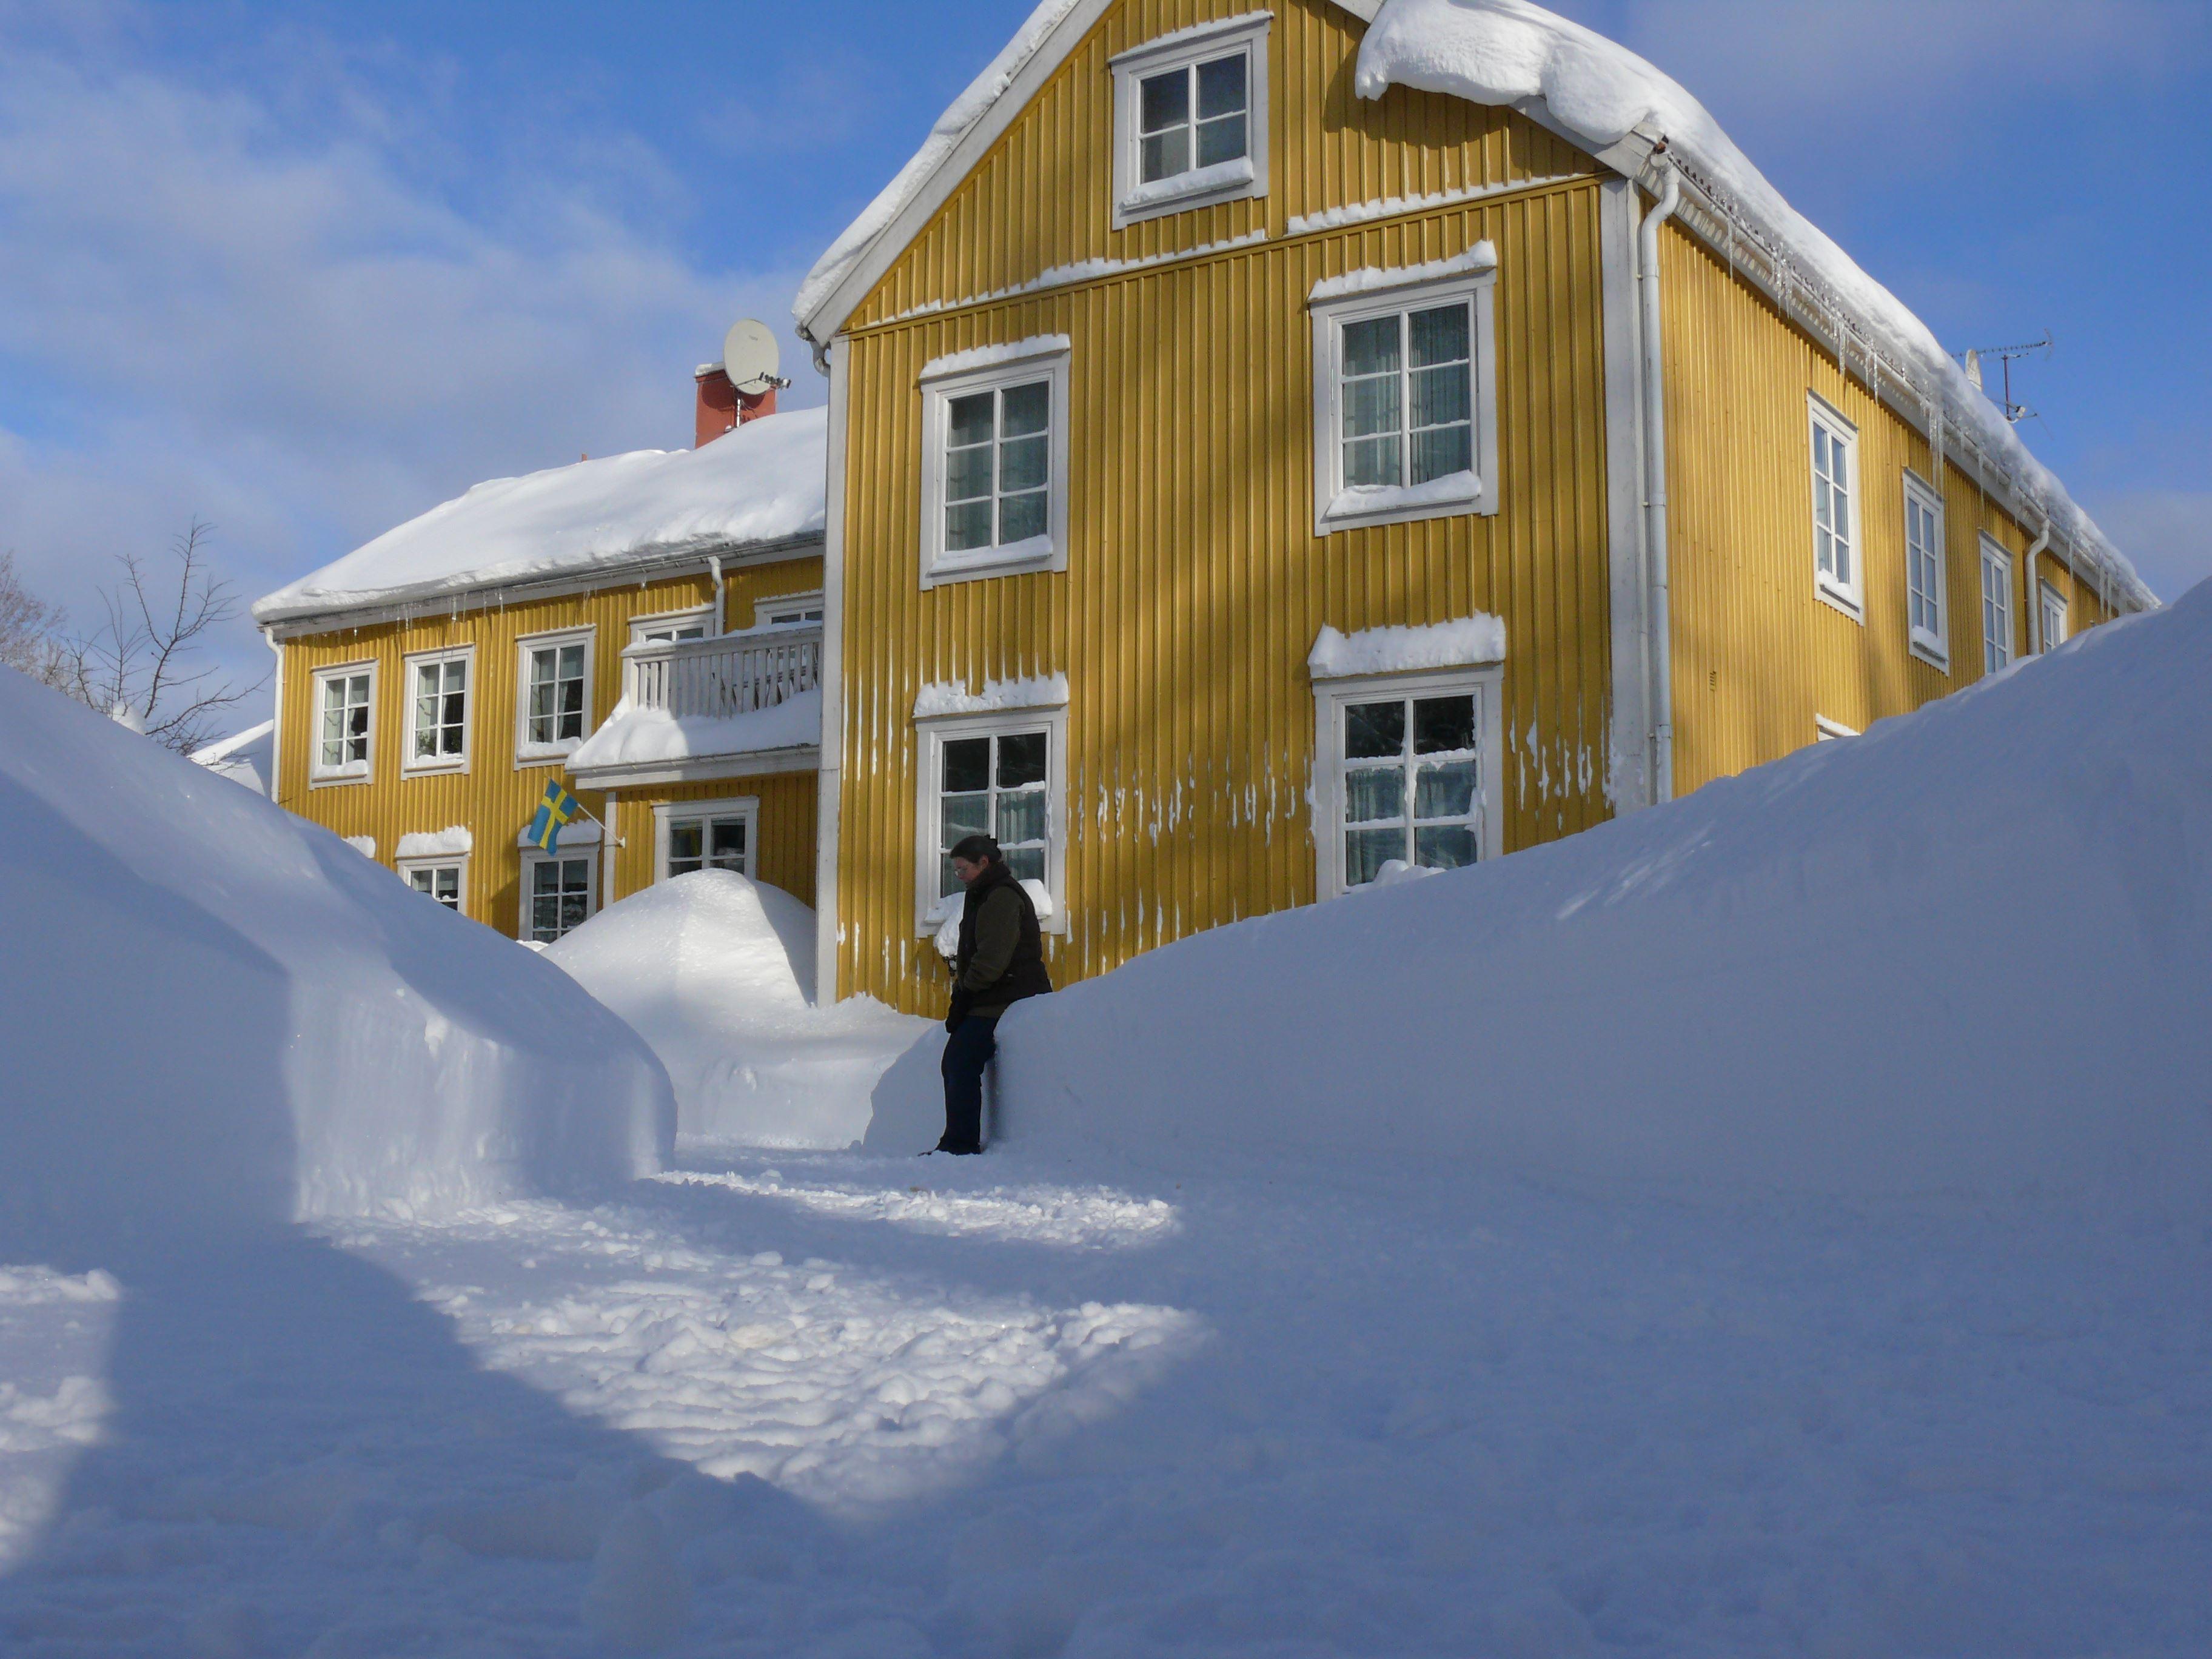 Hotell PerOlofGården